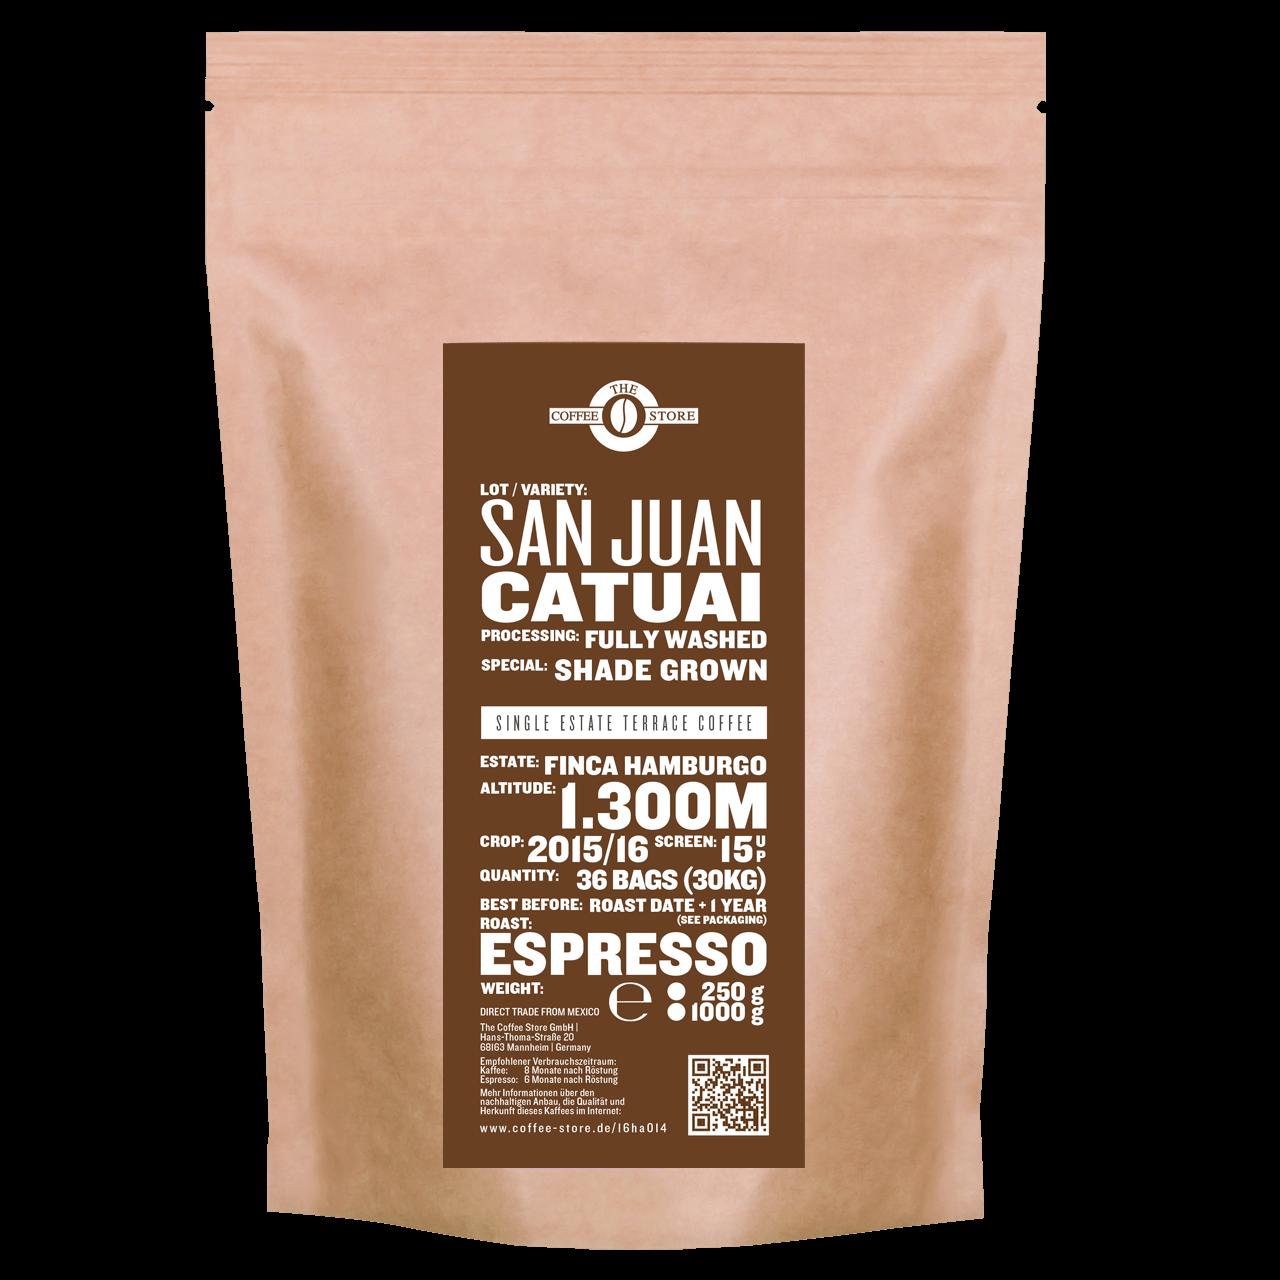 San Juan, Catuai - Espressoröstung